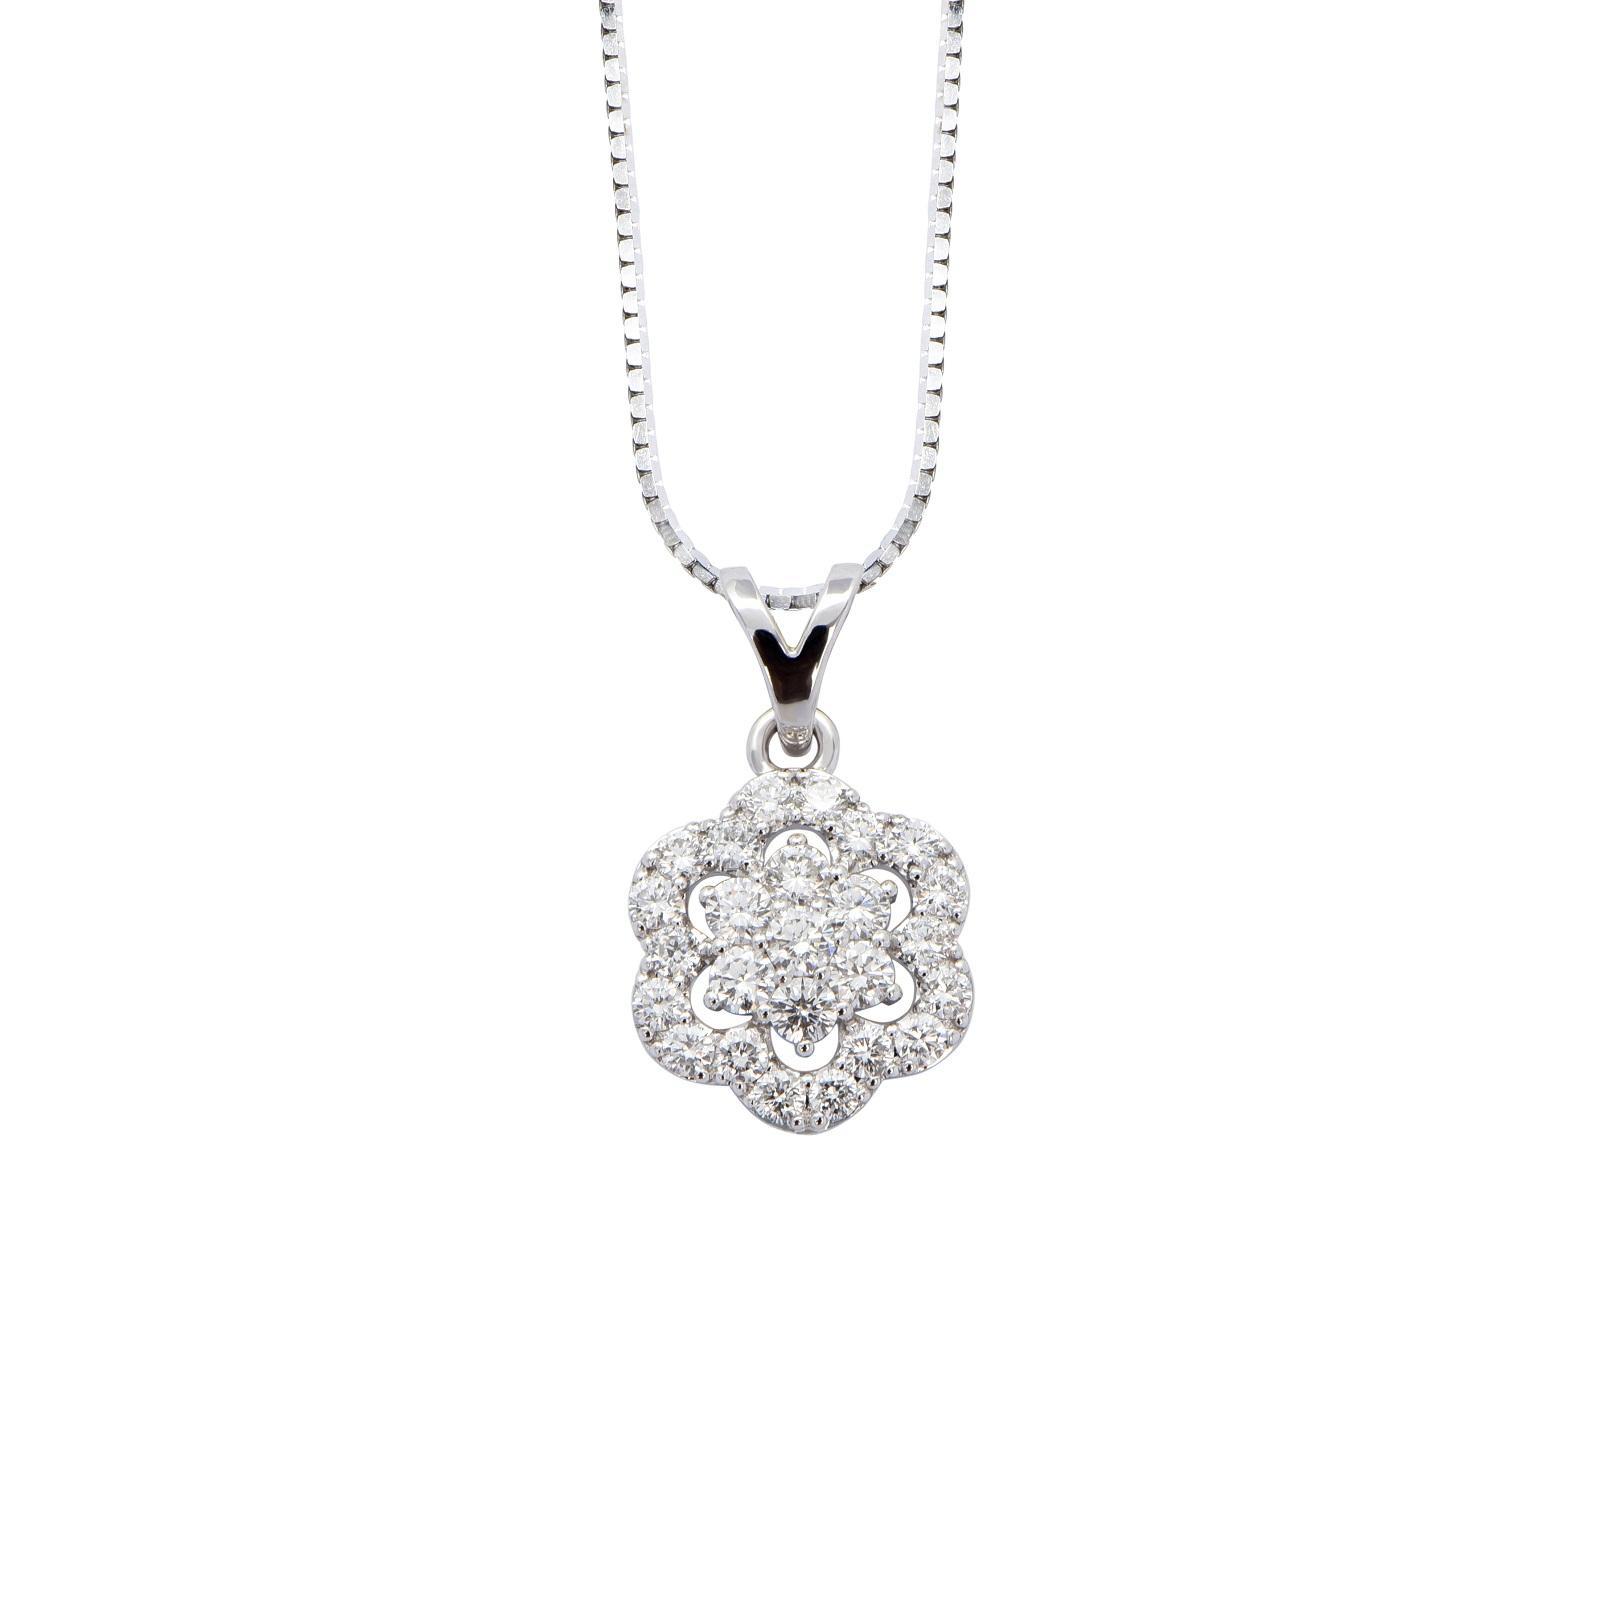 Mặt dây đá Kim cương 20M173.1TH